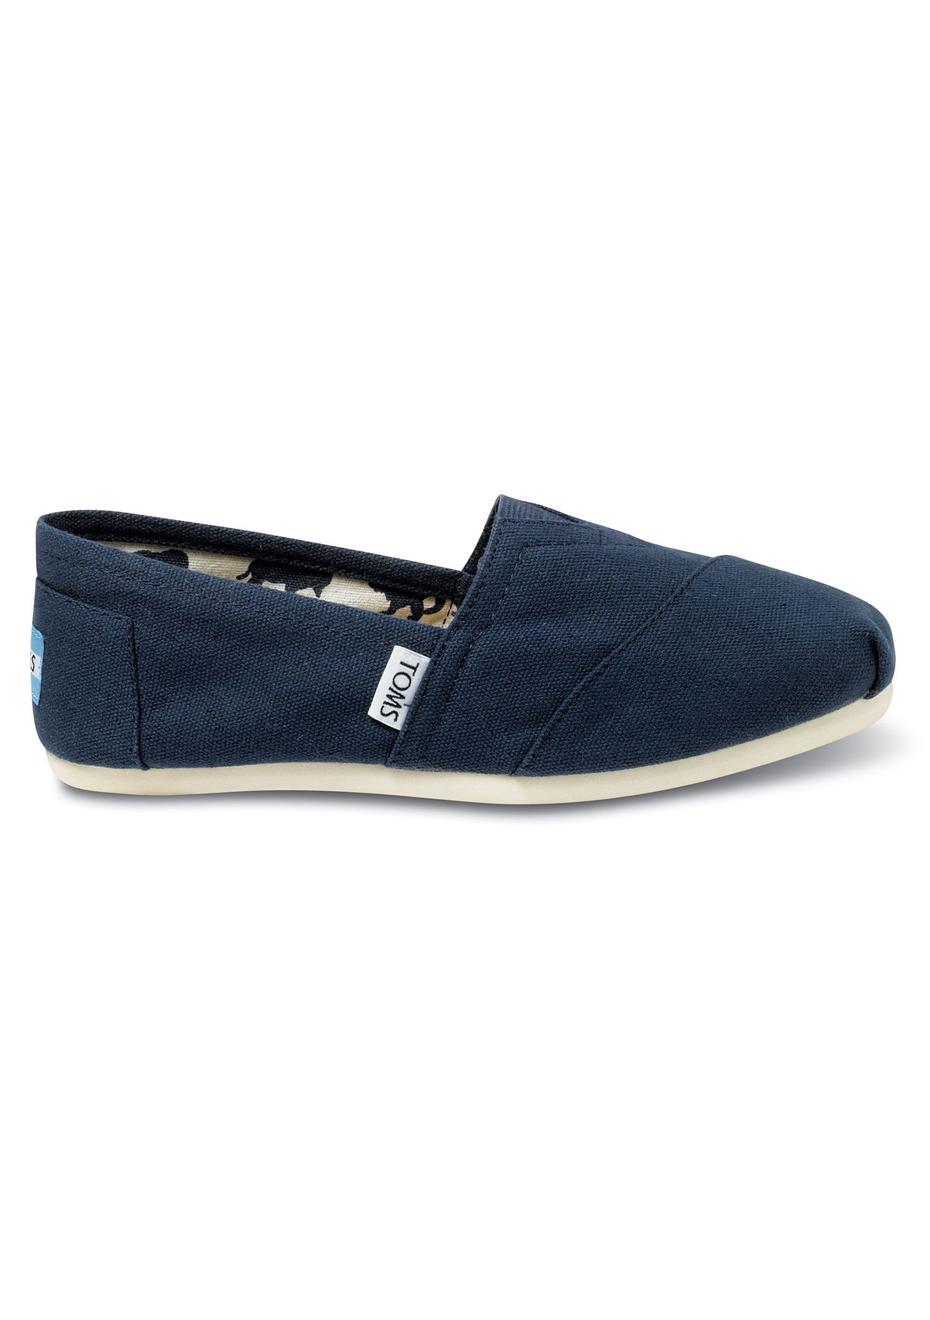 Toms Shoes - Womens Classic Alpargata